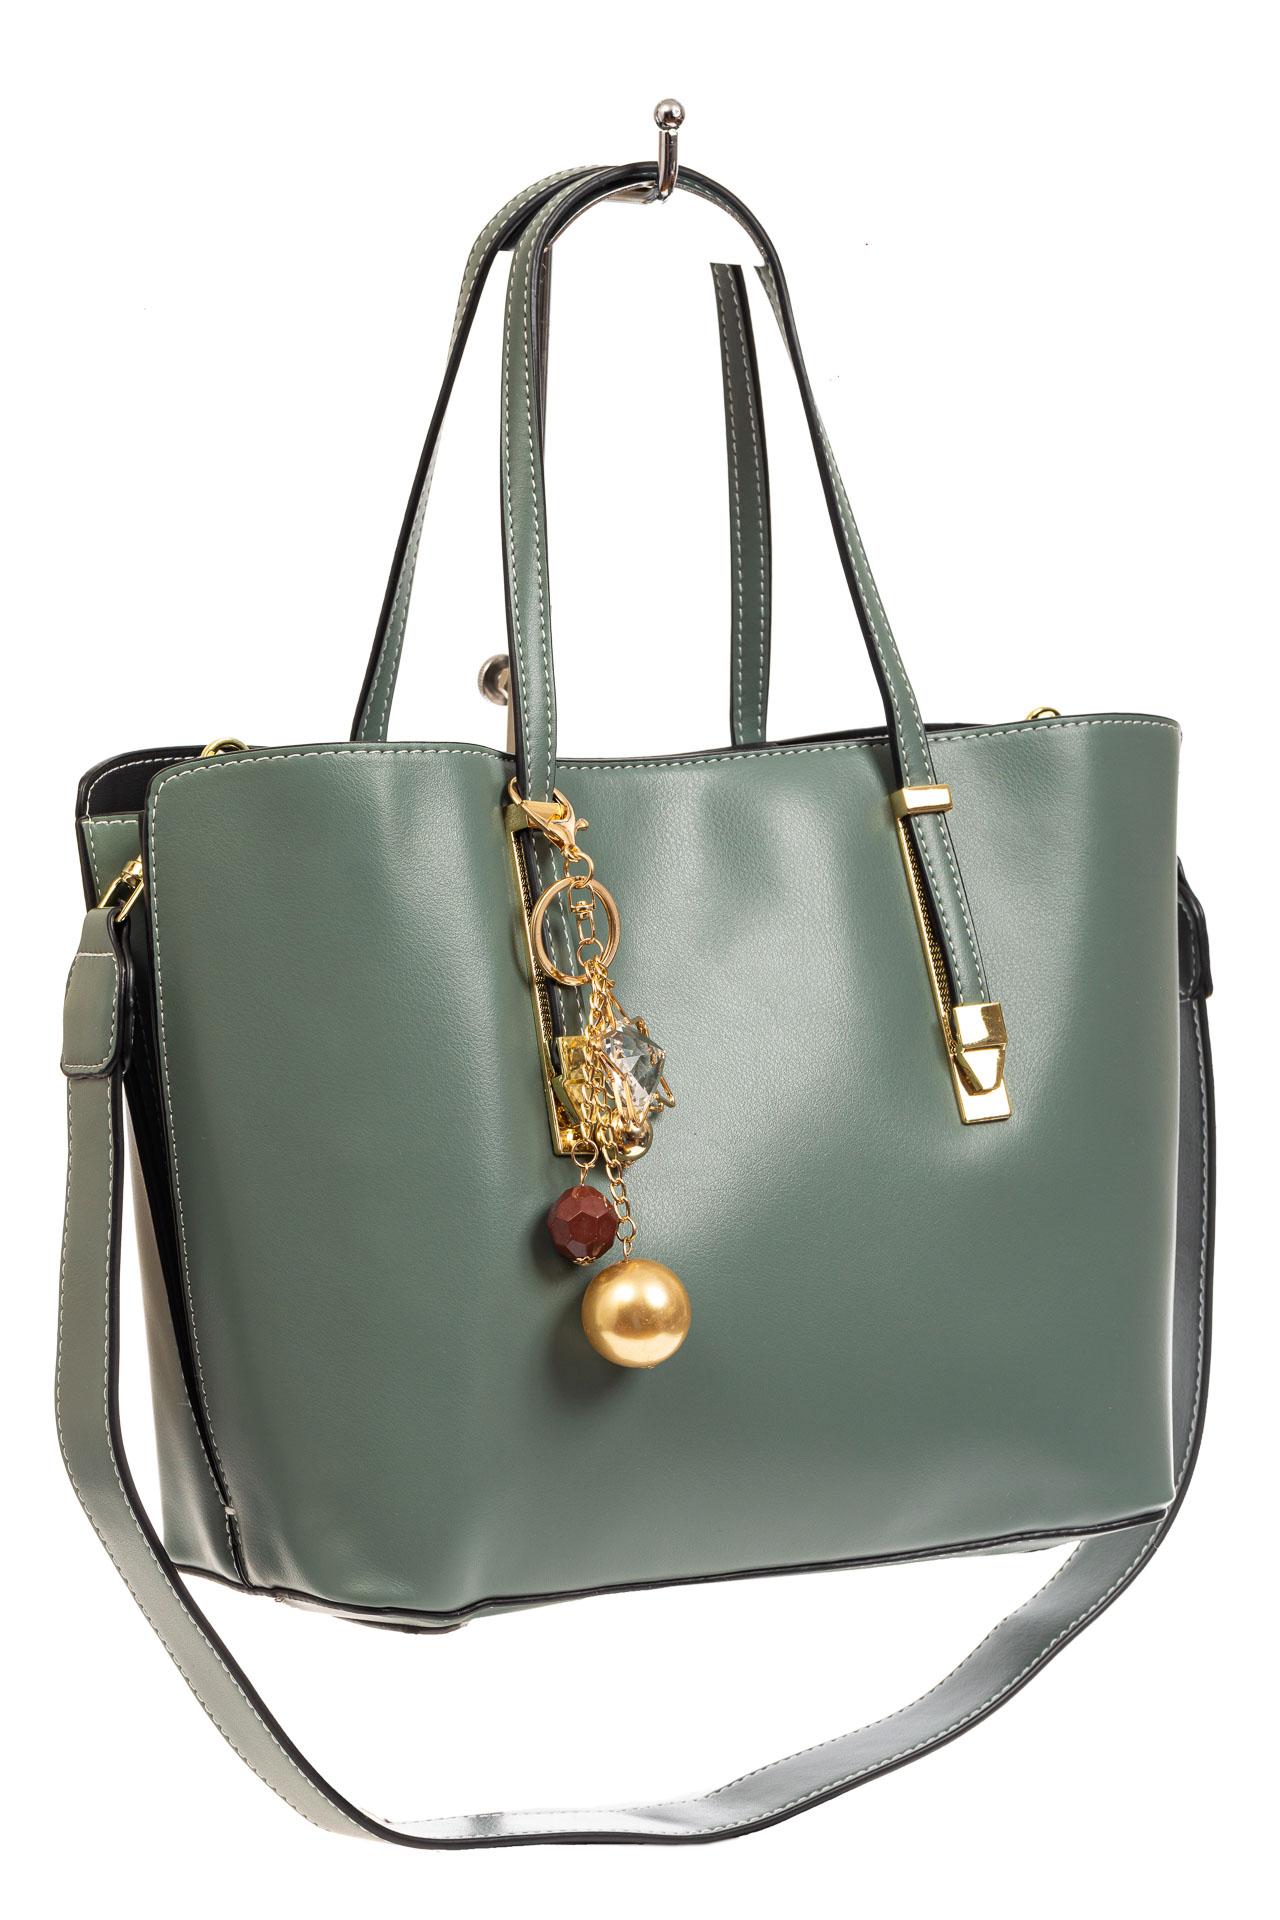 Женская сумка тоут из искусственной кожи, цвет серо-голубой8670PJ0520/2